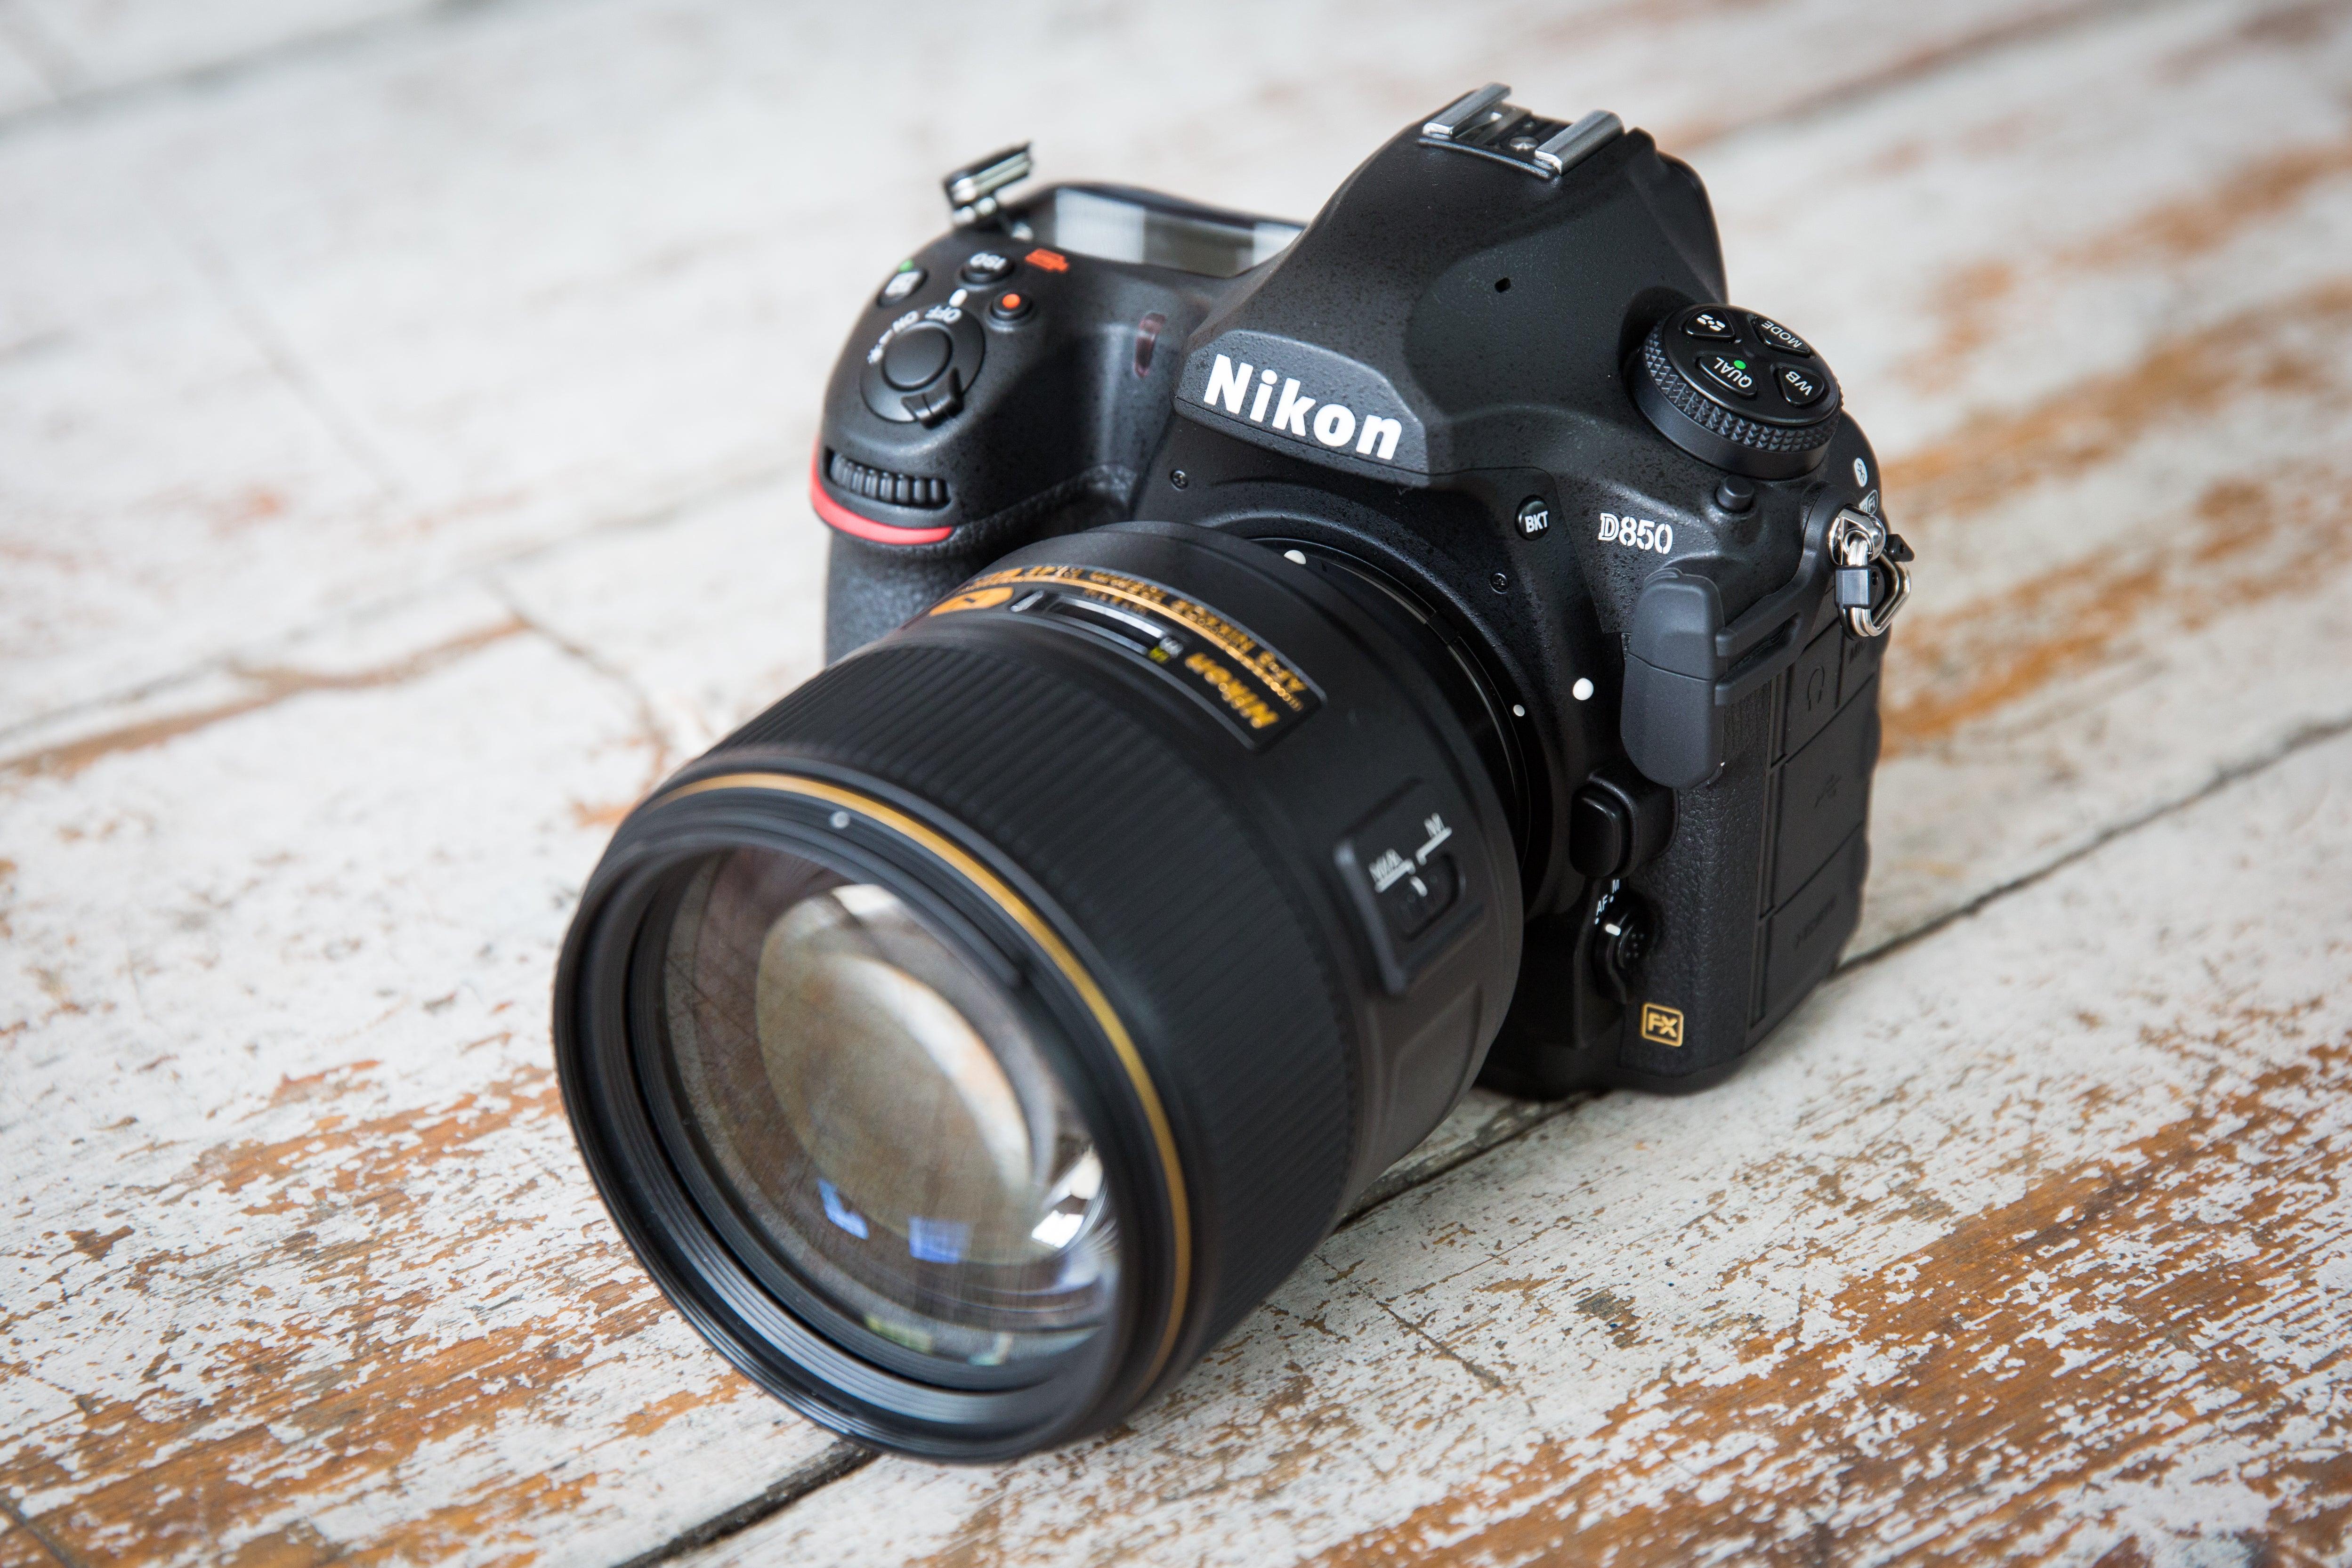 Best DSLR: Nikon D850